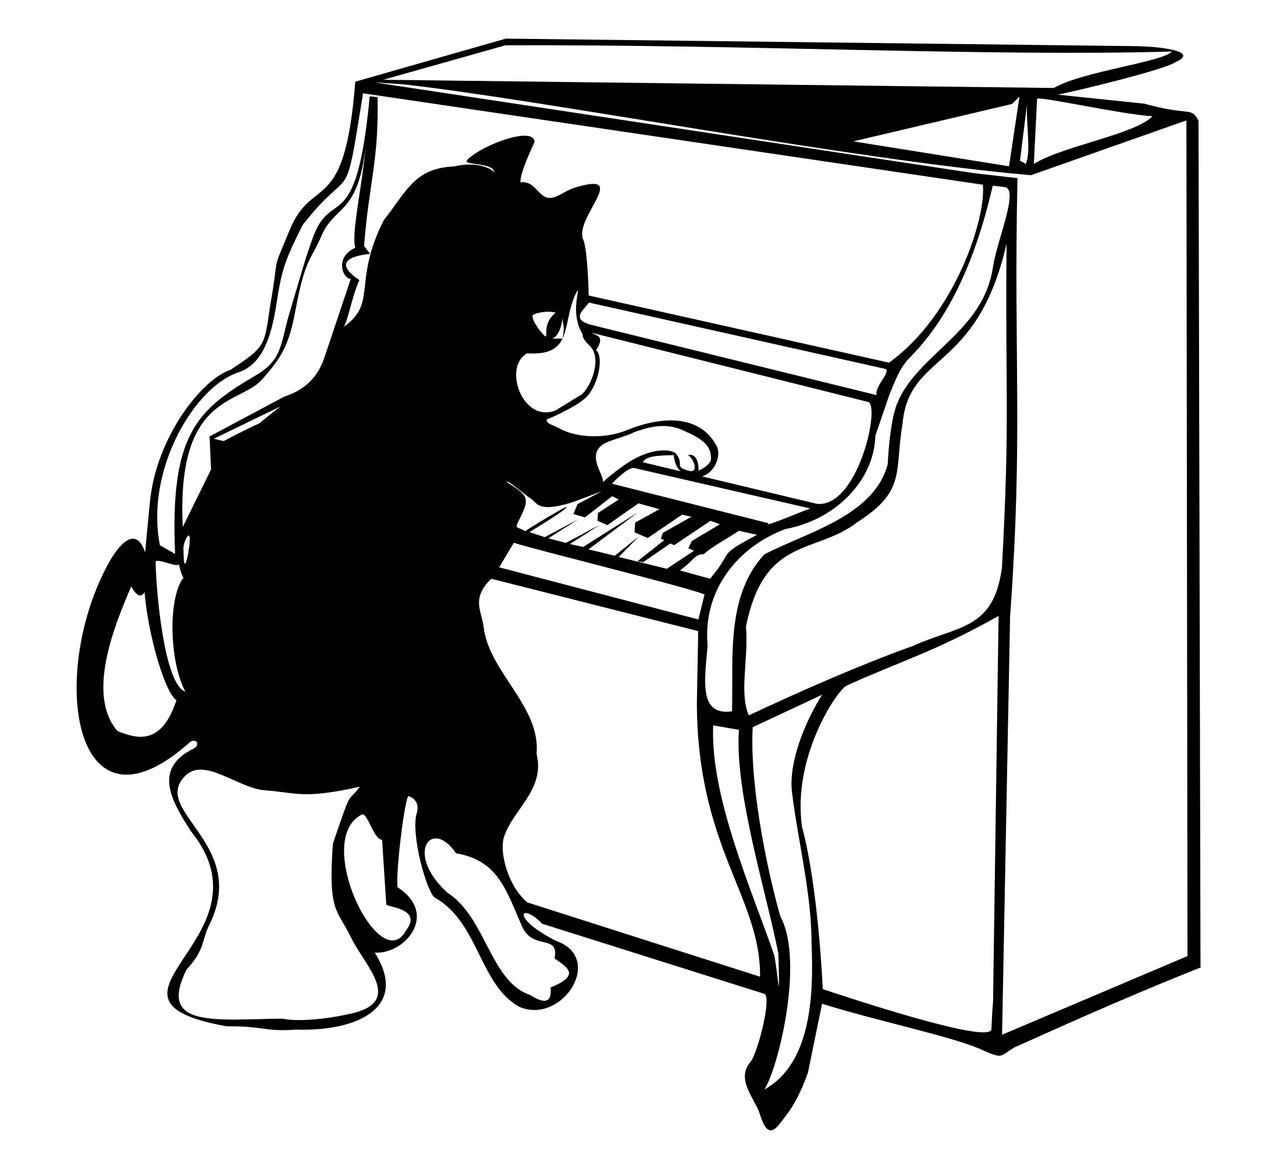 Orchestra Clipart Piano Orchestra Piano Transparent Free